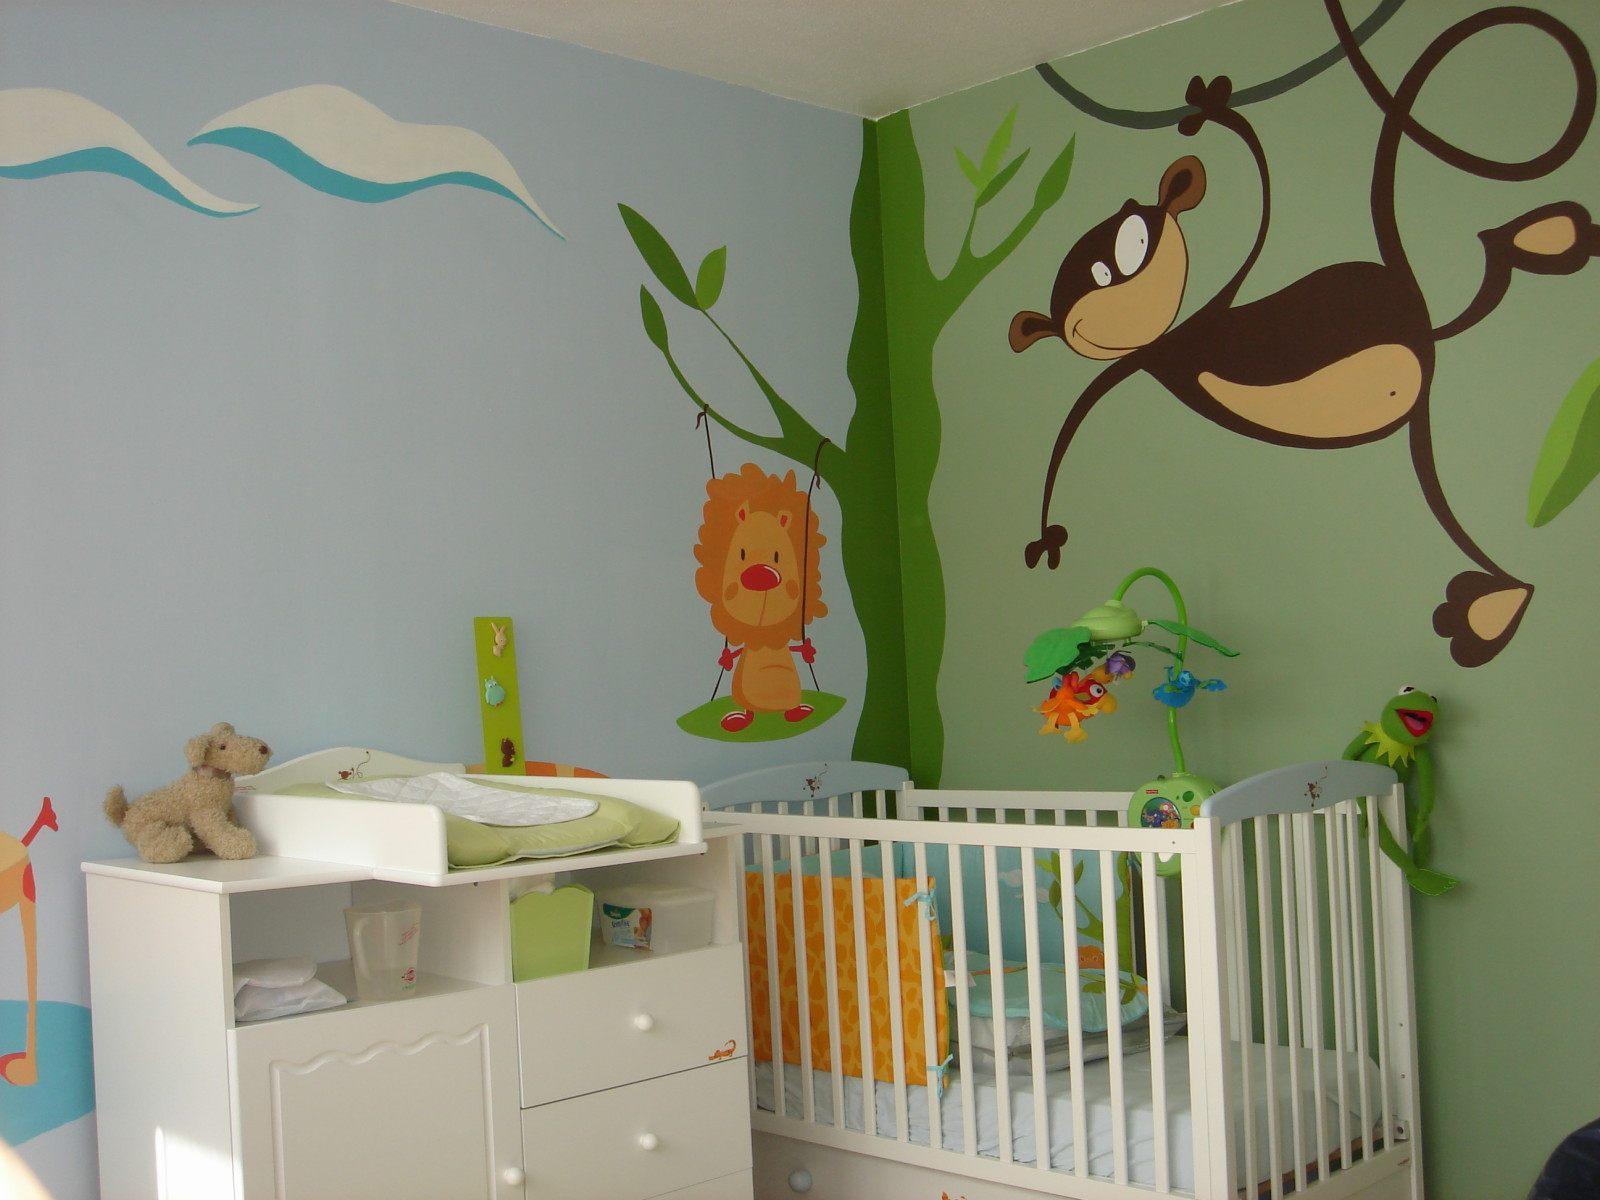 Tour De Lit Bébé Pas Cher Élégant Applique Murale Chambre Bébé Lustre Chambre Bébé Fille élégant Parc